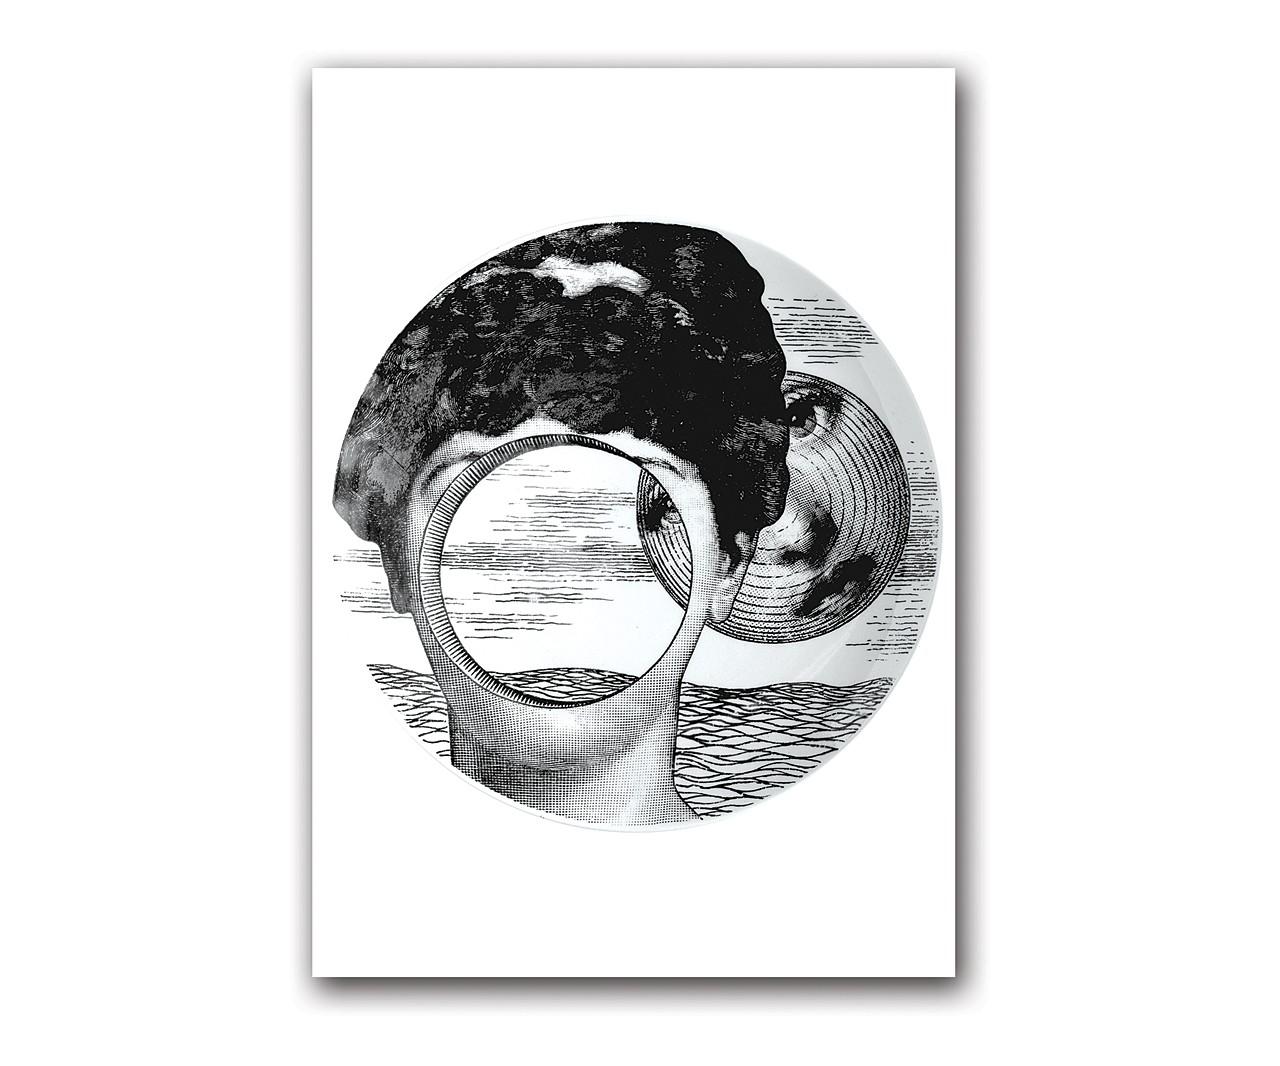 Постер Fornasetti inspiredПостеры<br>Декорированные постерами интерьеры комнат, городской квартиры или загородного дома не уступают по качеству интерьерам, оформленным дорогими репродукциями картин. Тем более, если эти постеры из коллекции Пьеро Форназетти. Его произведения всегда узнаваемы — это тот редкий тип  дизайнеров, которые обладают собственным неповторимым стилем. Его  излюбленные темы — солнце, игральные карты, рыбы, бабочки, книги,  архитектура и лицо прекрасной Лины Кавальери. Постер станет прекрасным украшением интерьера и замечательным подарком поклонникам творчества маэстро Форназетти.&amp;amp;nbsp;&amp;lt;div&amp;gt;&amp;lt;br&amp;gt;&amp;lt;/div&amp;gt;&amp;lt;div&amp;gt;Размер А4 (210x297 мм).<br>Рамки белого, чёрного, серебряного, золотого цветов. Выбирайте!&amp;lt;/div&amp;gt;<br><br>Material: Бумага<br>Width см: 21<br>Depth см: 1,5<br>Height см: 30